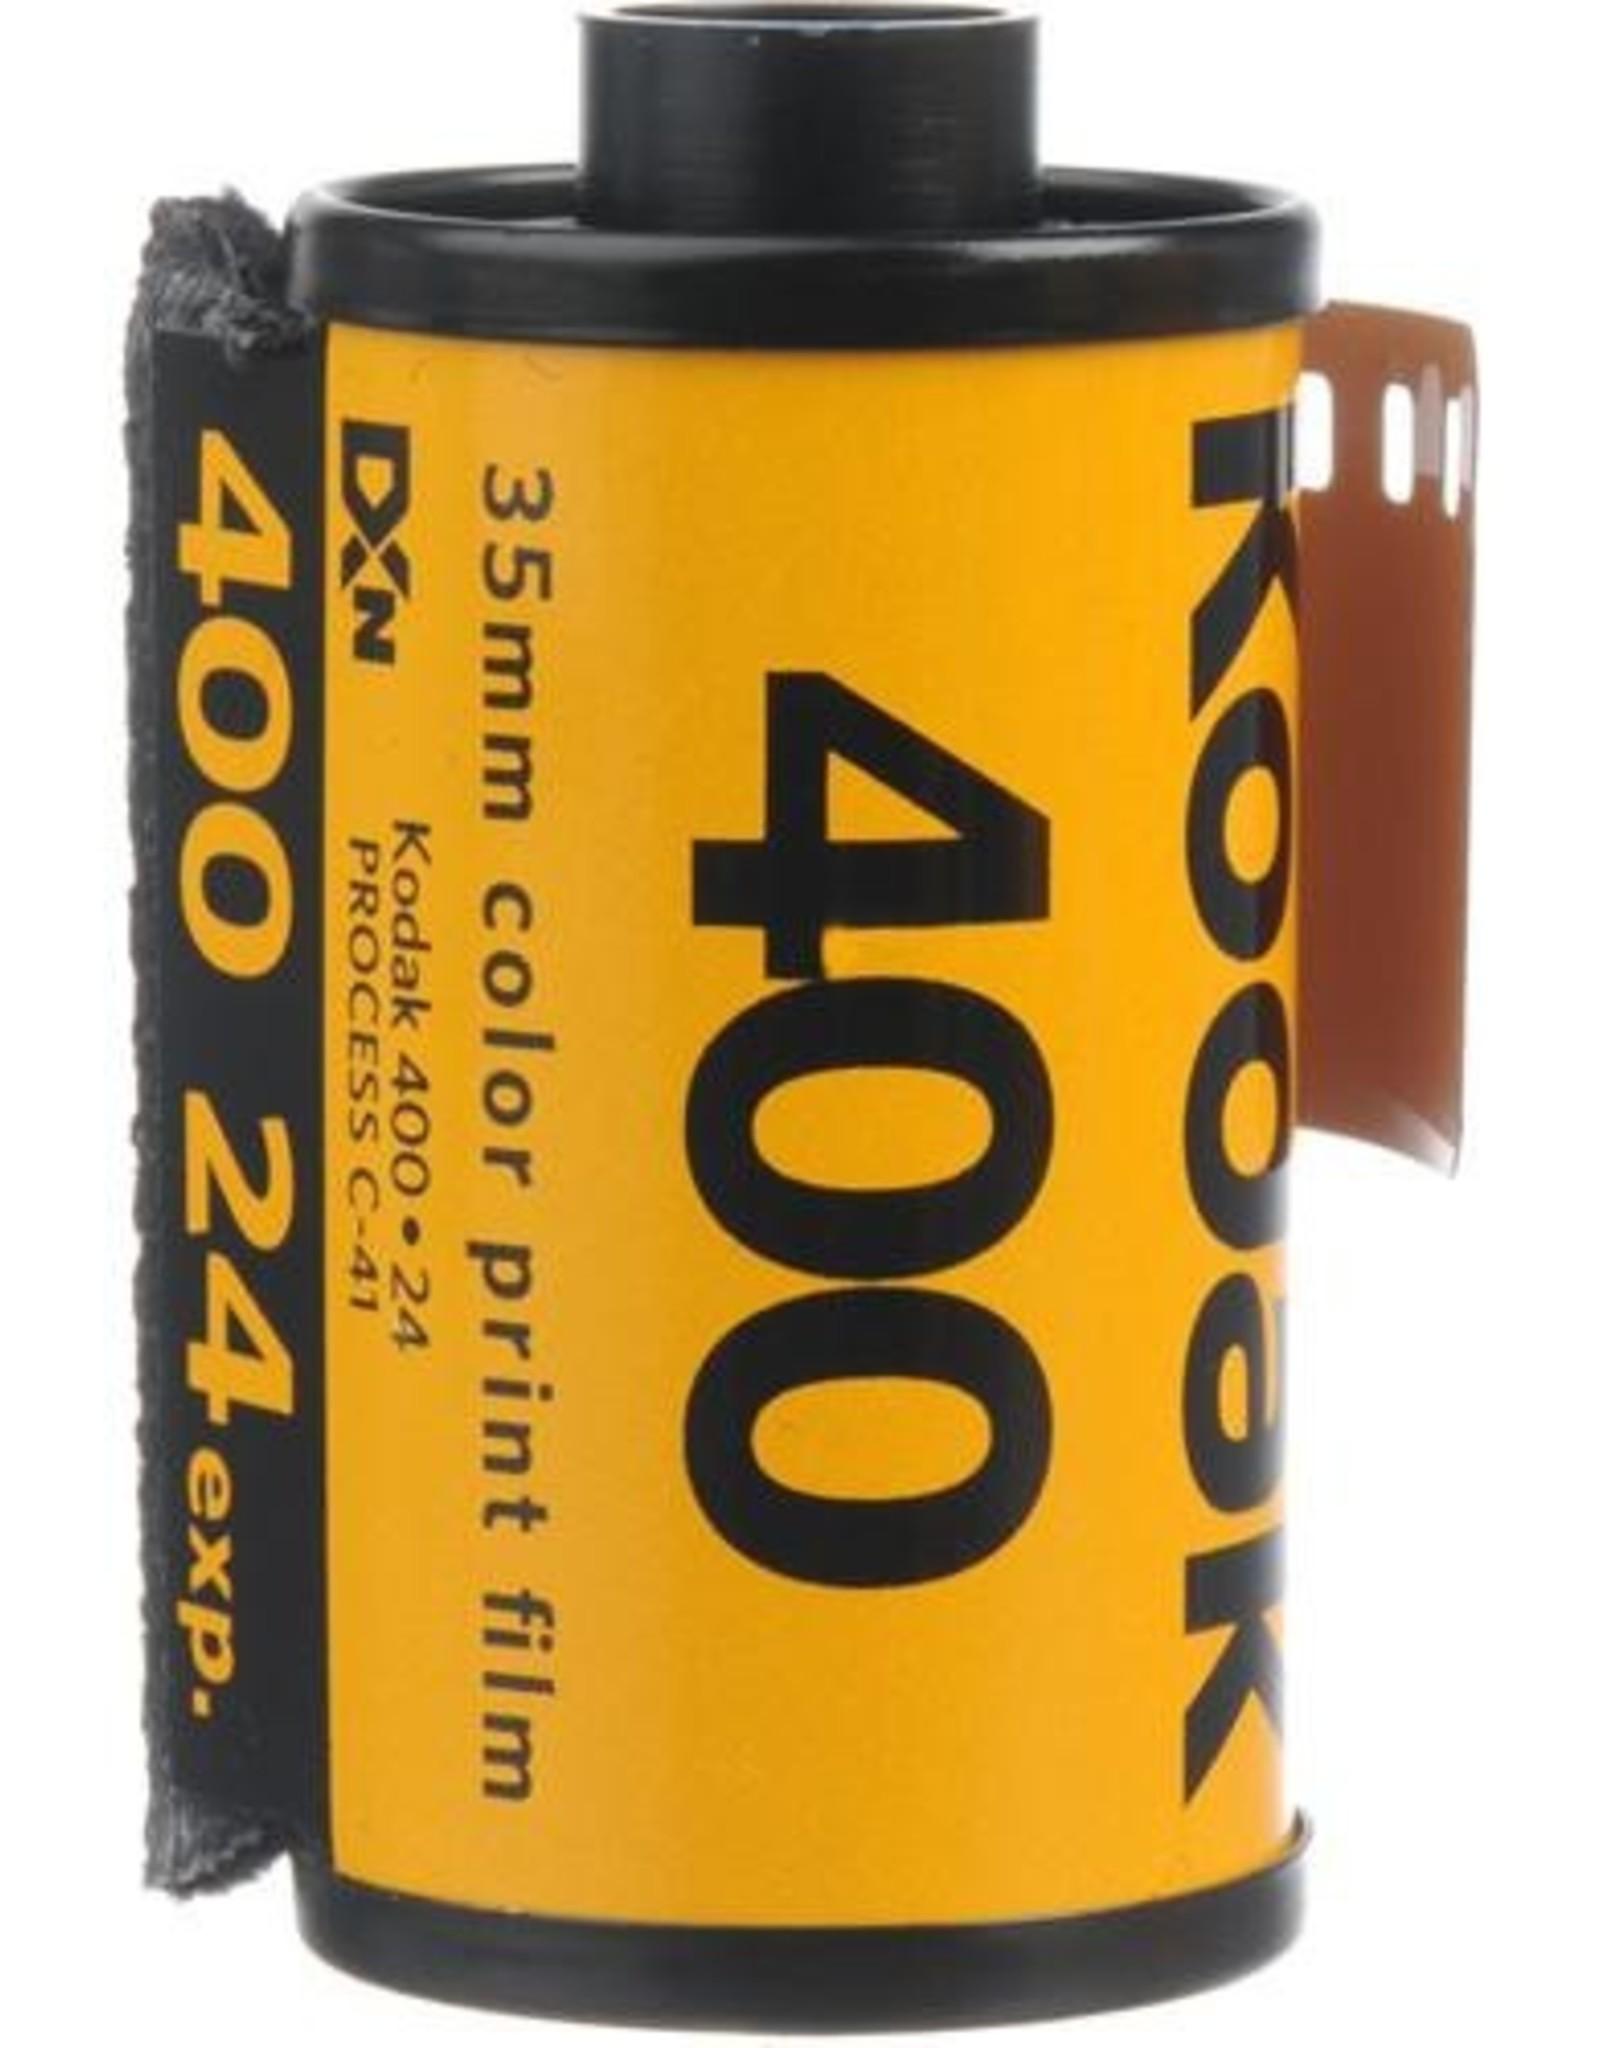 KODAK Ultramax 400 GC 135-24